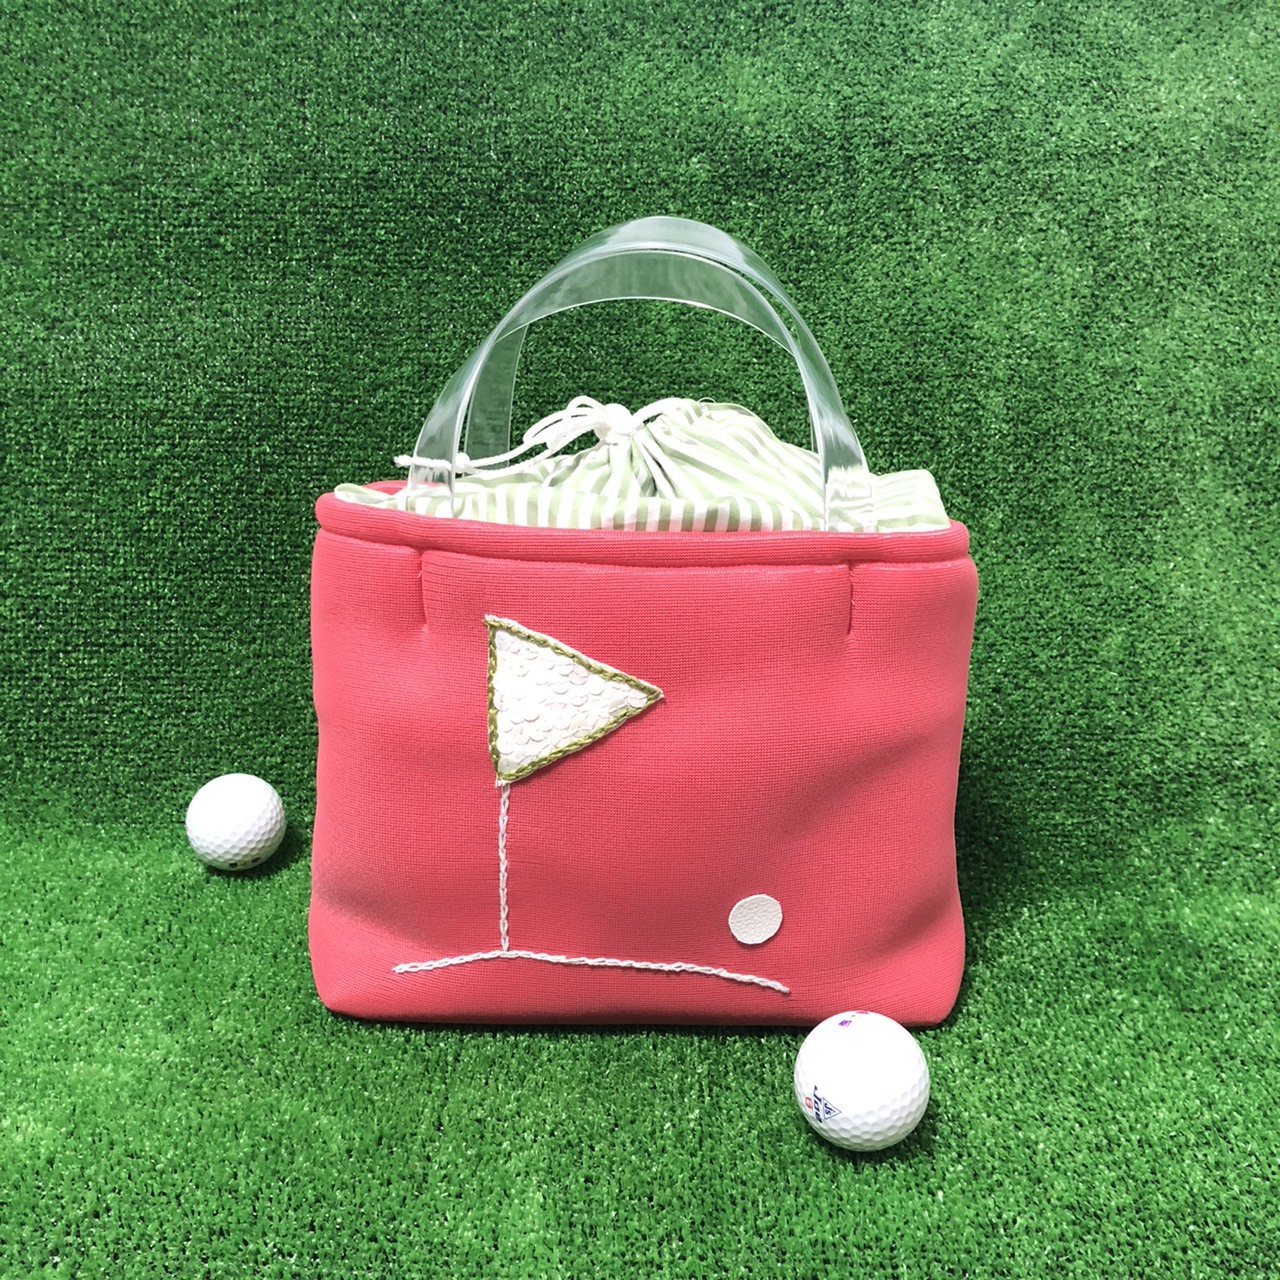 【新商品】ゴルフカートバッグ(レッド)